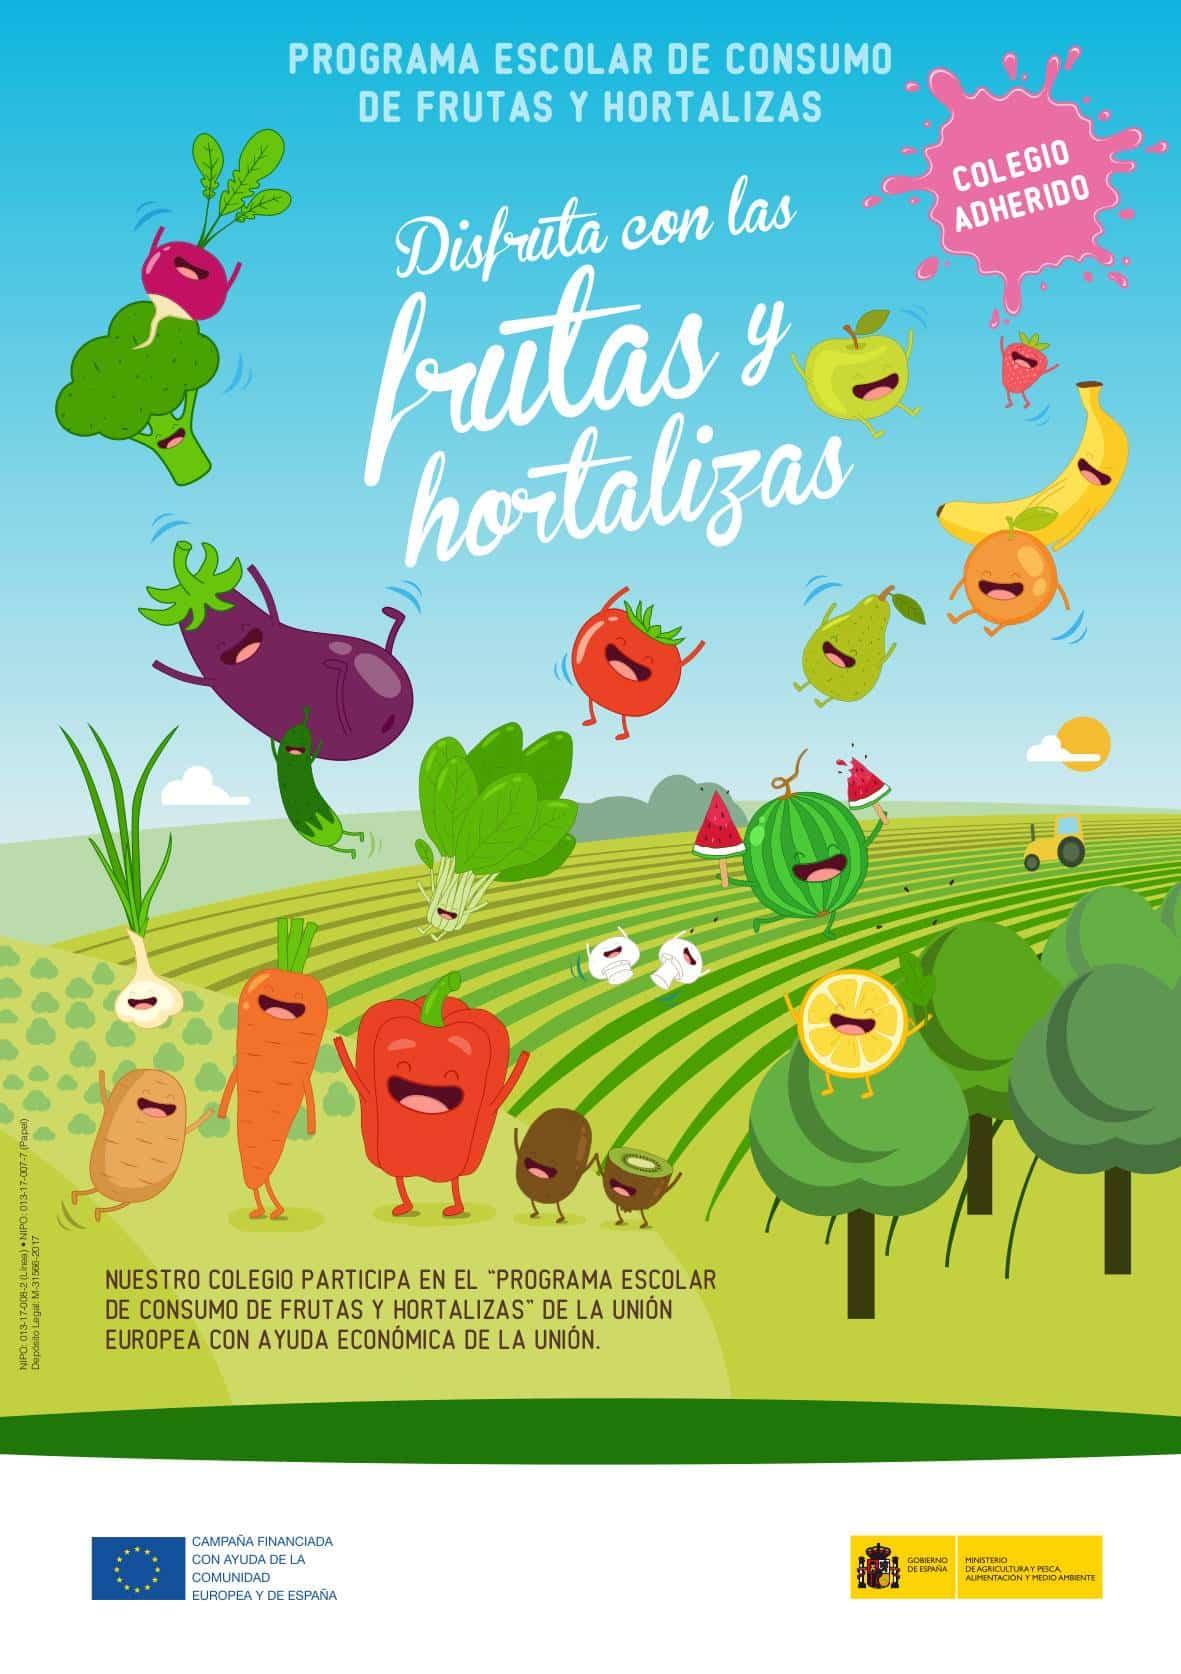 2 grafica frutas y hortalizas tcm8 433398 - Iniciado el plan de consumo de fruta y hortalizas en el CEIP Carrasco Alcalde